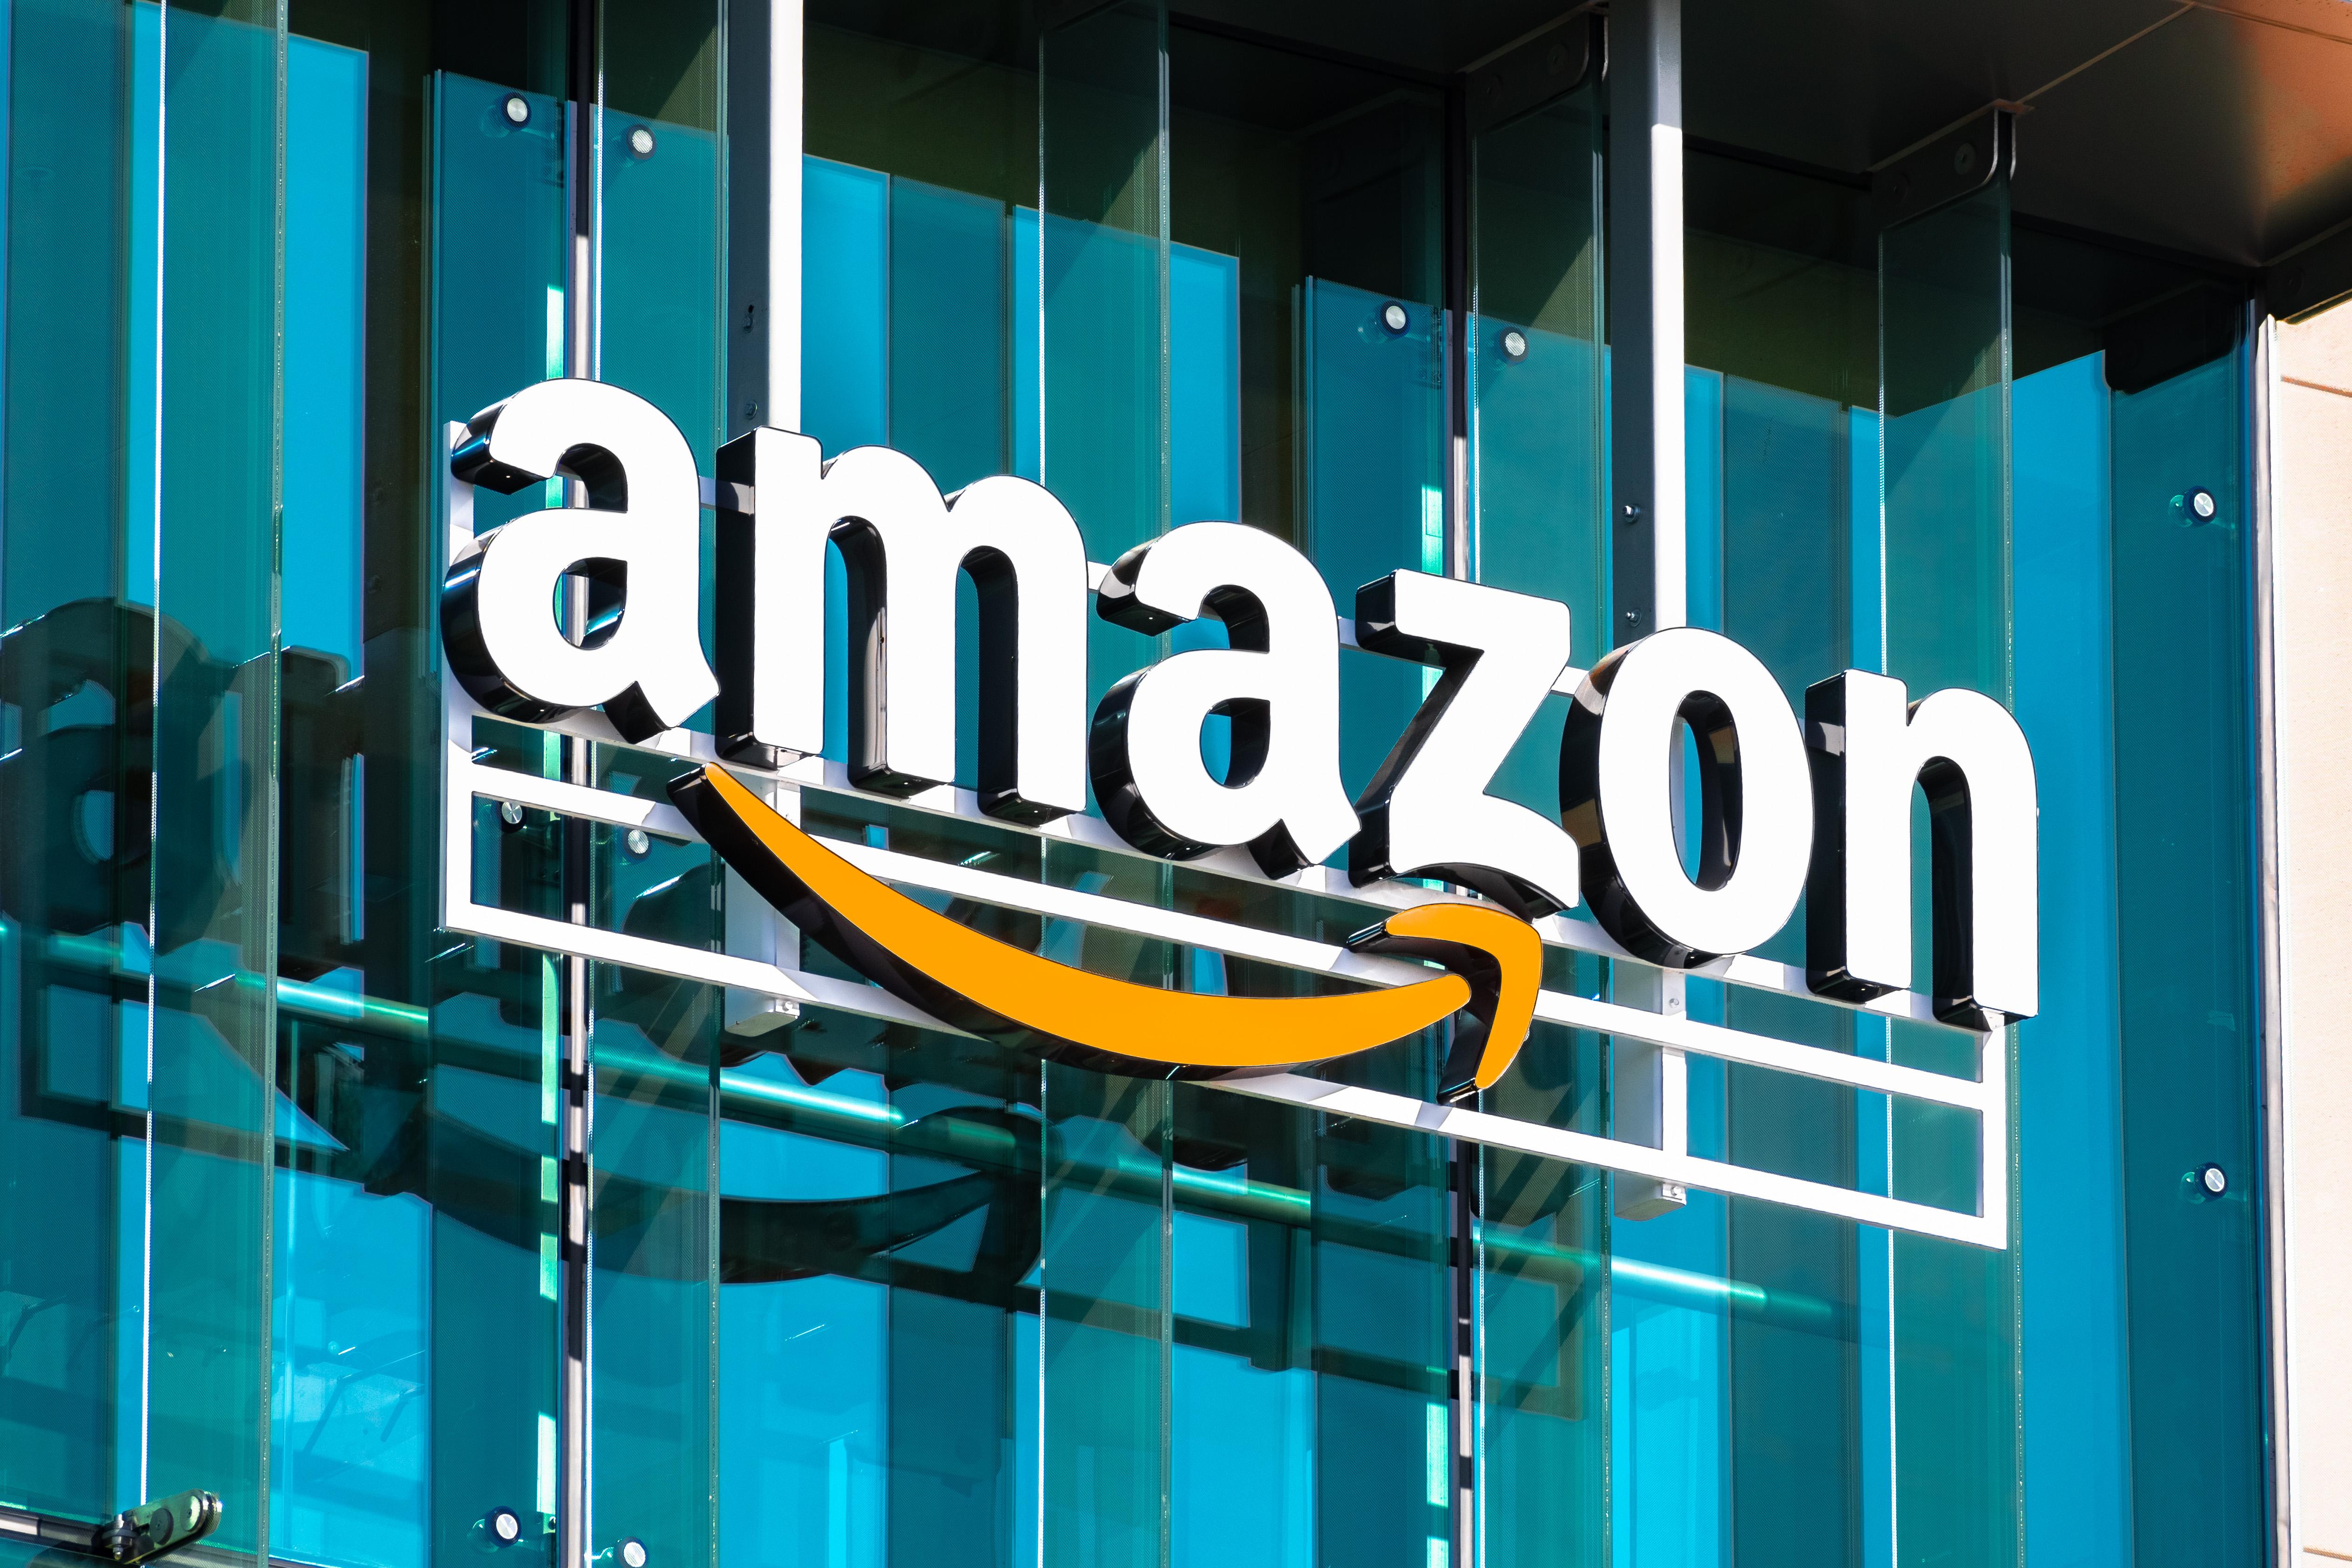 Amazon sprzedaje hulajnogi elektryczne za9 zł? CyberRescue ostrzega!